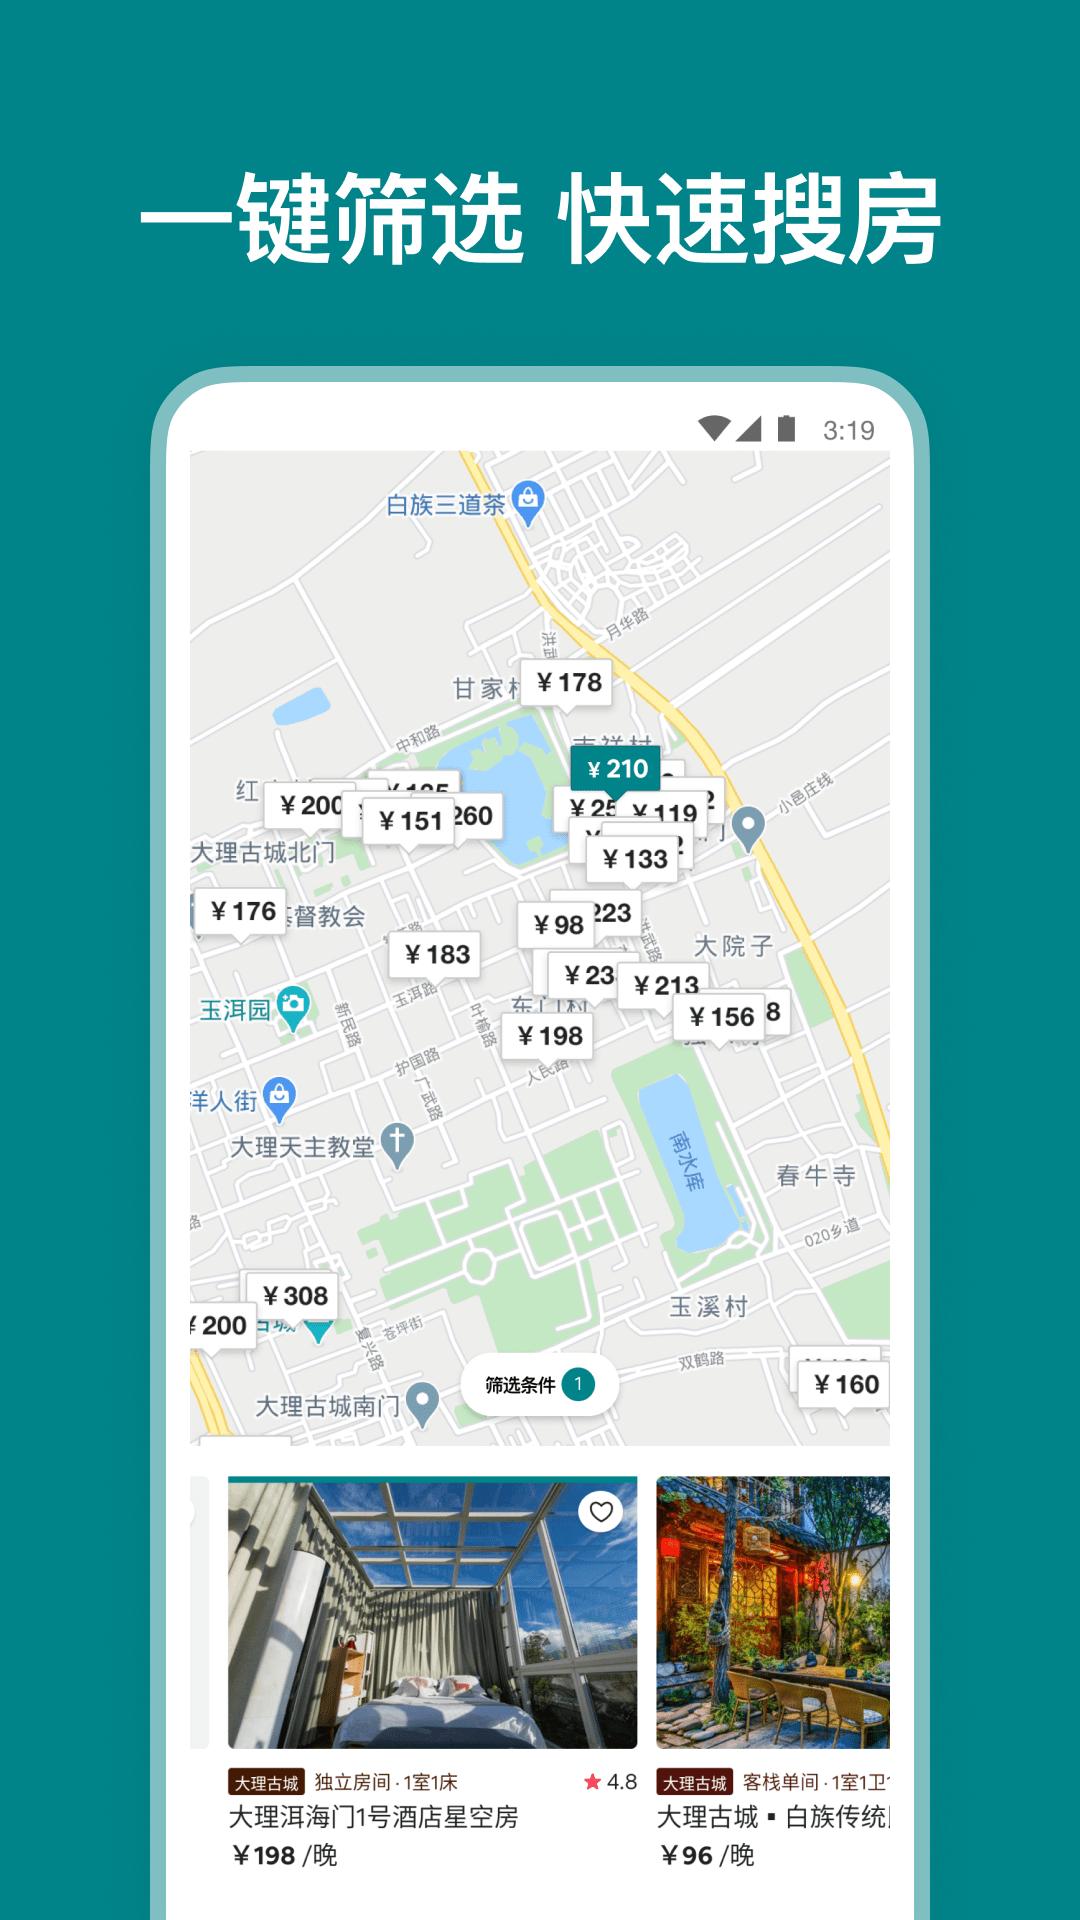 杭州短租_爱彼迎免费下载_华为应用市场|爱彼迎安卓版(20.19.2.china)下载